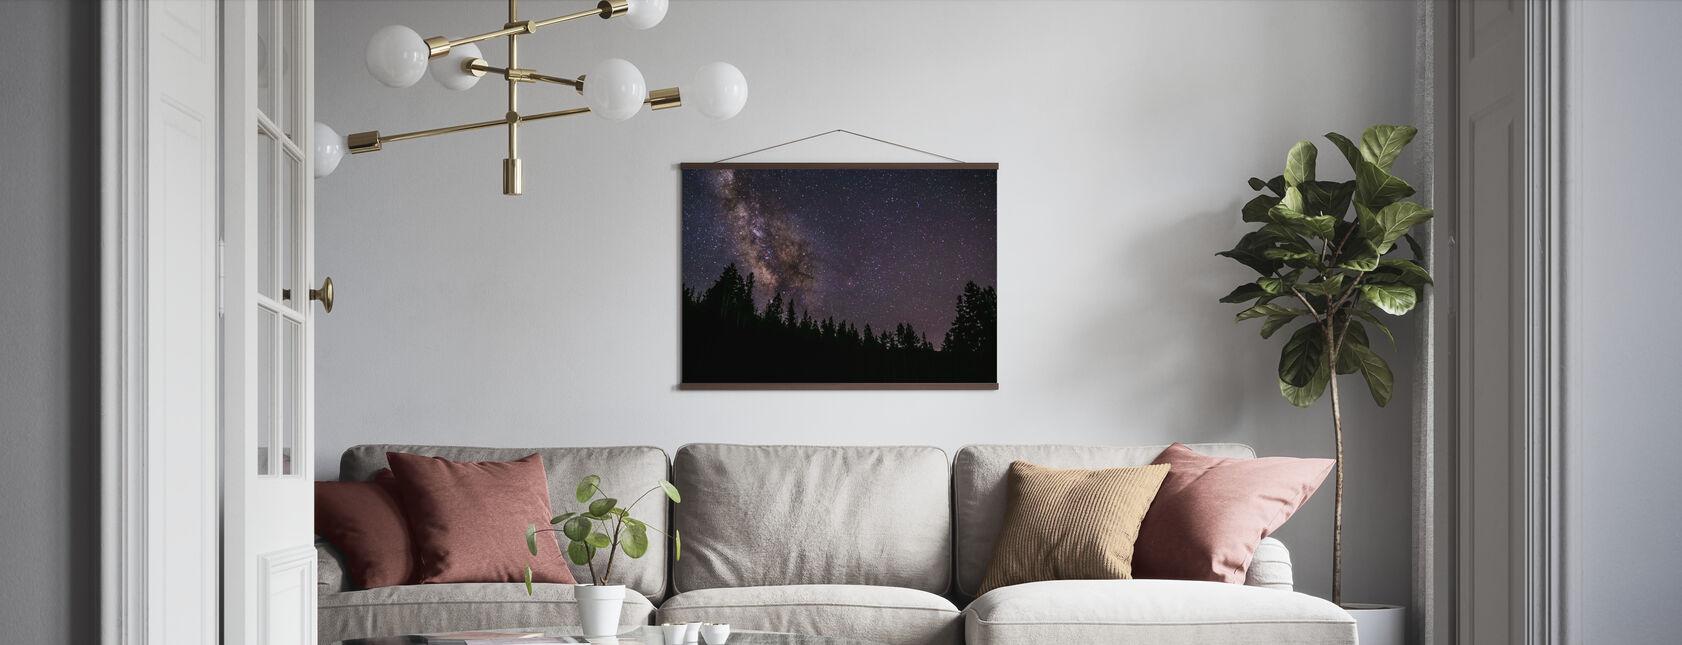 Melkweg - Poster - Woonkamer